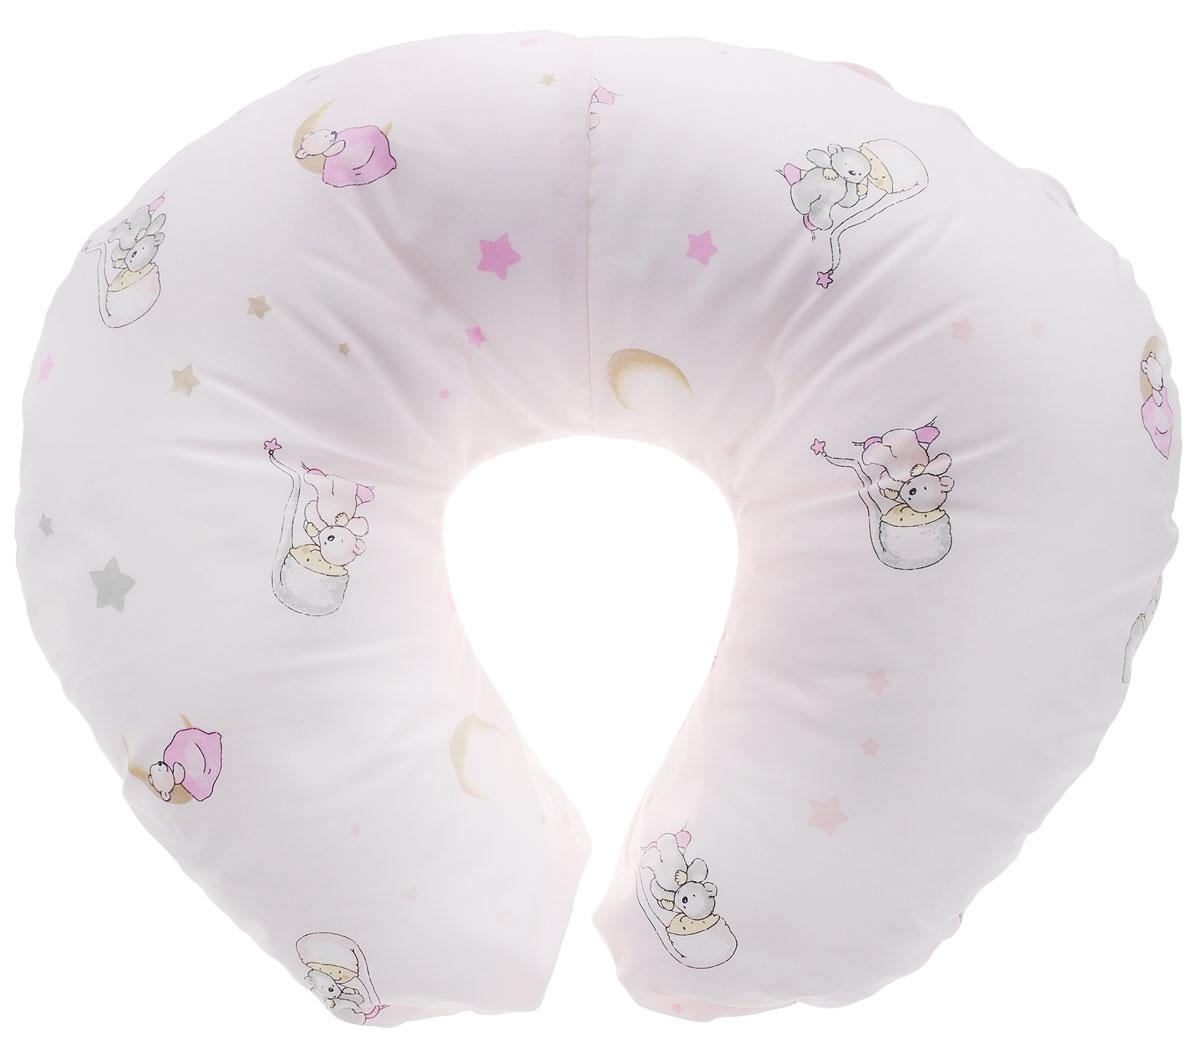 """Многофункциональная подушка Plantex """"Comfy Small"""" идеальна для удобства ребенка и его родителей. Зачастую именно эта модель называется подушкой для беременных. Ведь она создана именно для будущих мам с учетом всех анатомических особенностей в этот период. На любом сроке беременности она бережно поддержит растущий животик и поможет сохранить комфортное и безопасное положение во время сна.  Подушка идеально подходит для кормления уже появившегося малыша. Позже многофункциональная подушка поможет ему сохранить равновесие при первых попытках сесть. Чехол подушки выполнен из 100% хлопка и снабжен застежкой-молнией, что позволяет без труда снять и постирать его. Наполнителем подушки служат полистироловые шарики - экологичные, не деформируются сами и хорошо сохраняют форму подушки. Подушка для кормящих и беременных мам Plantex """"Comfy Small"""" - это удобная и практичная вещь, которая прослужит вам долгое время. Подушка поставляется в сумке-чехле.  При использовании рекомендуется следующий уход: наволочка - машинная стирка и глажение, подушка с наполнителем - ручная стирка.    Список вещей в роддом. Статья OZON Гид"""